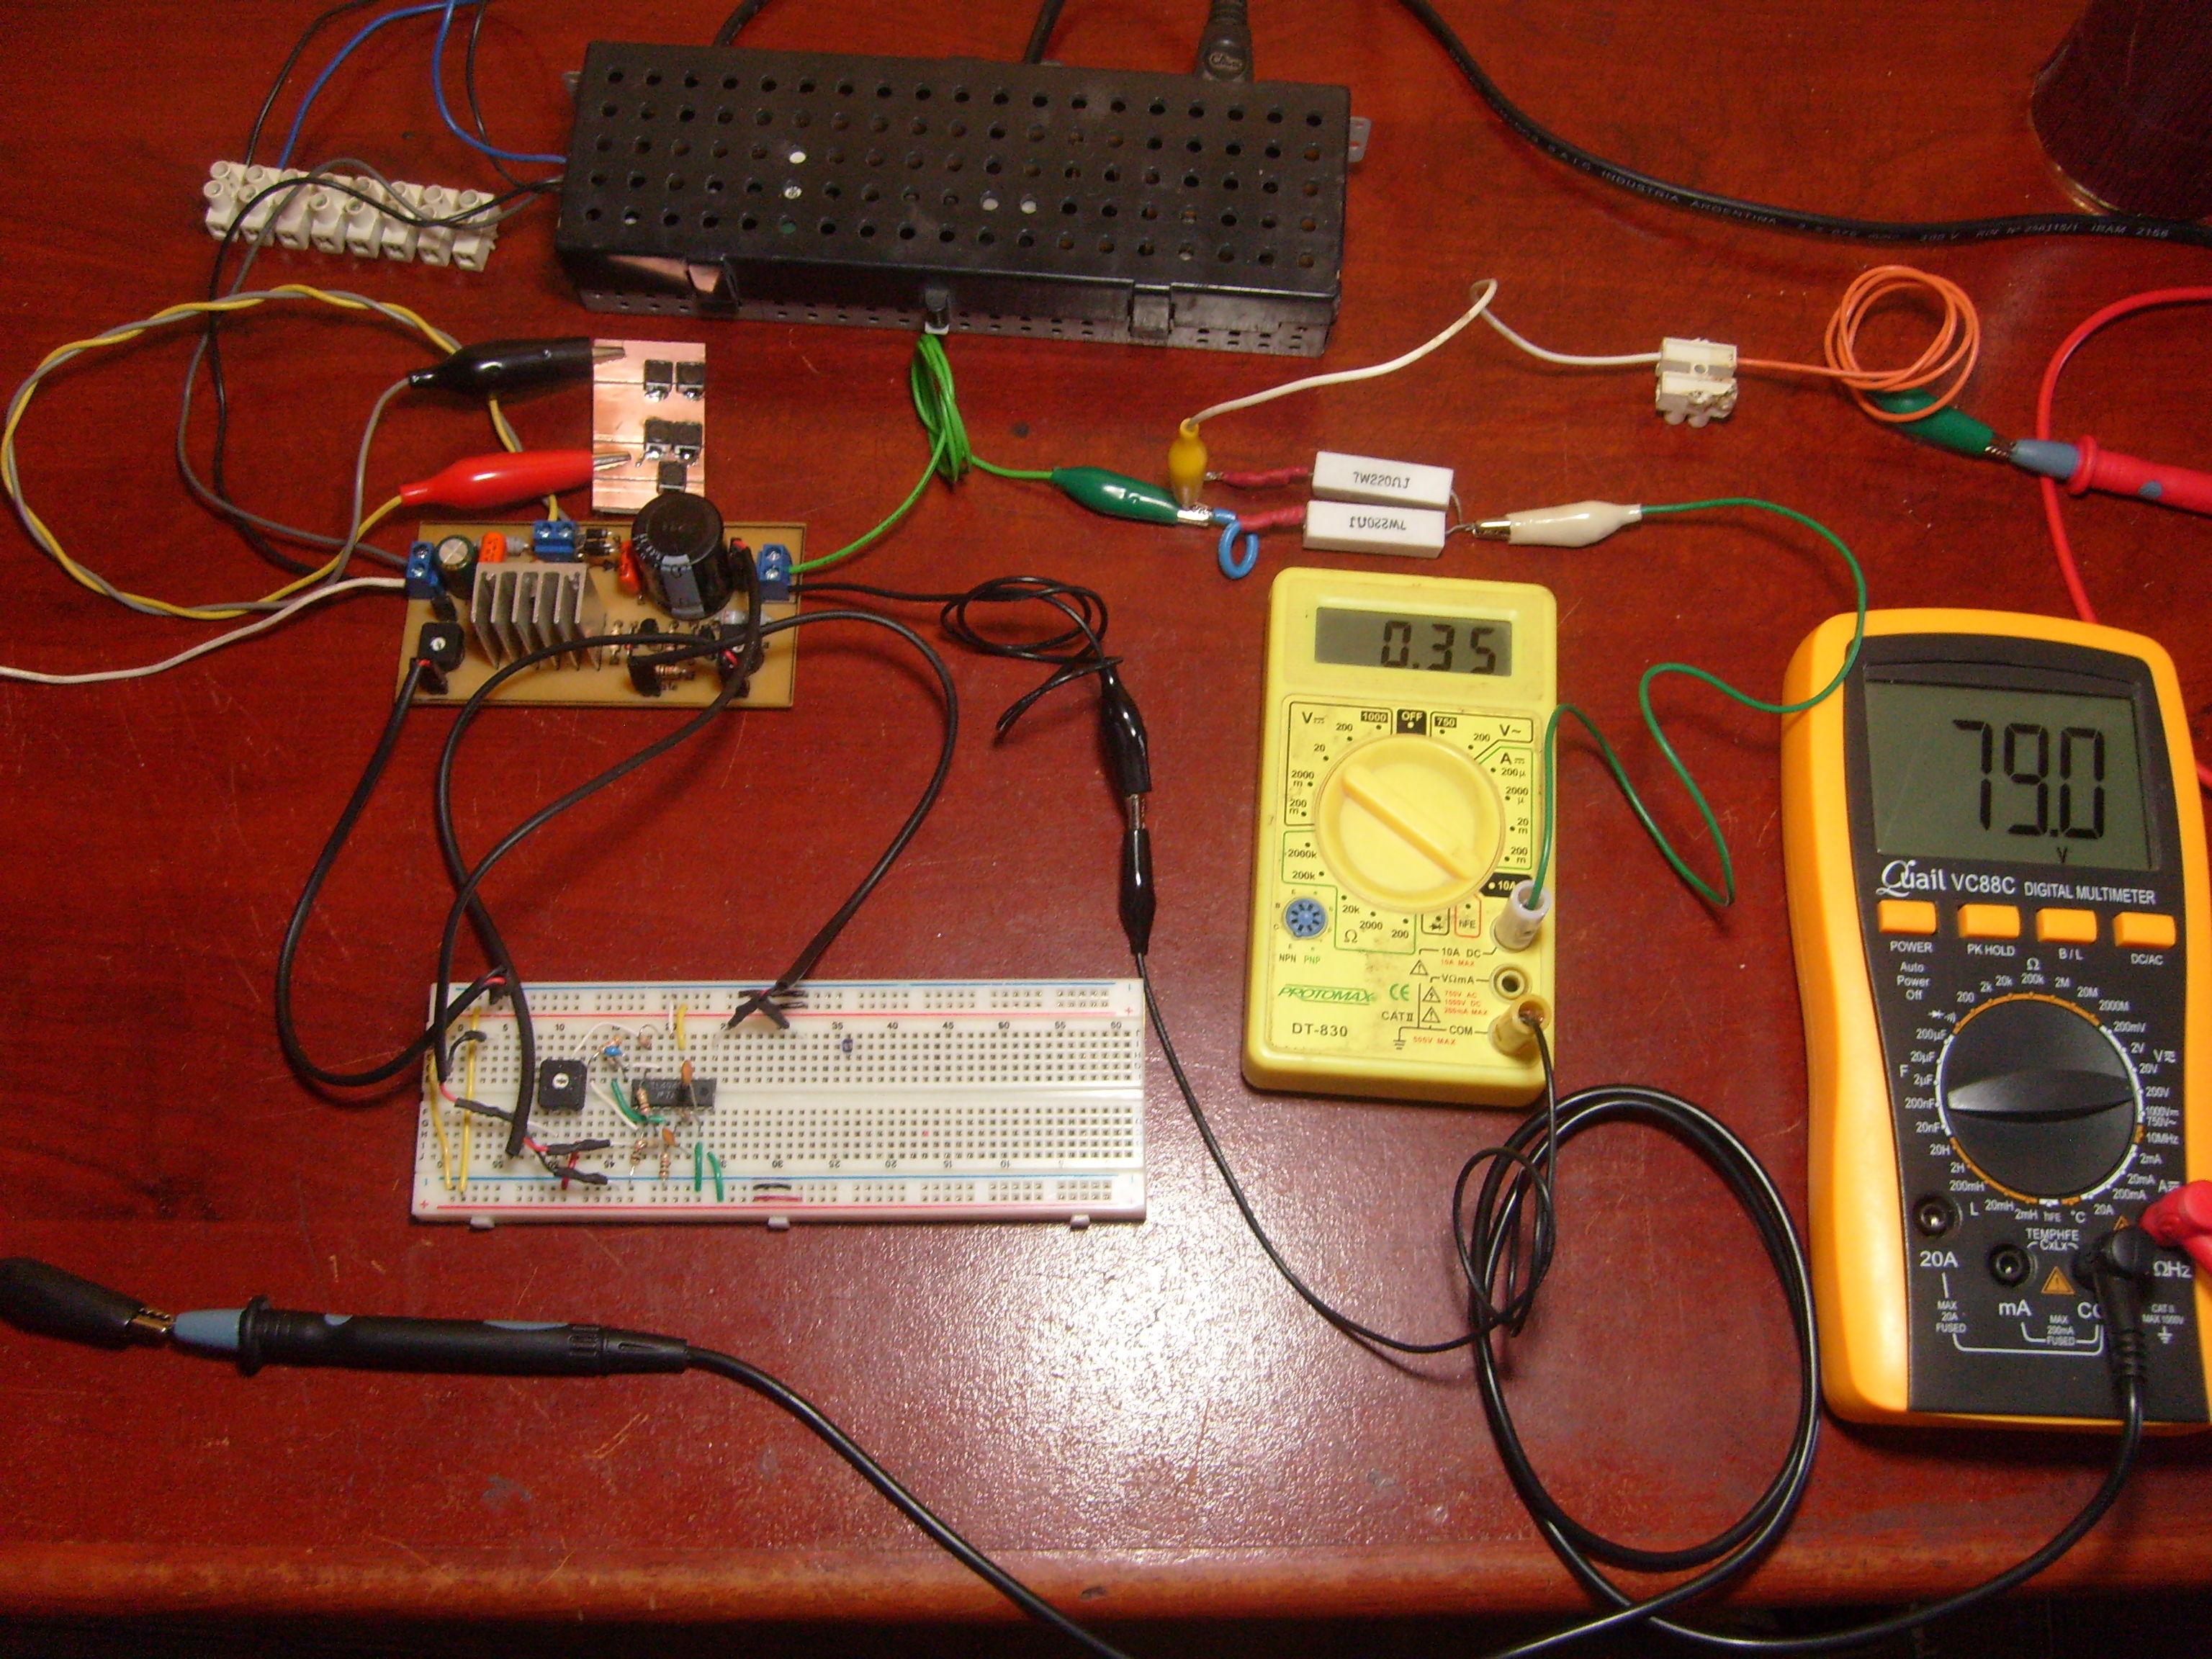 Smps Software Libre Tango Y Hacks Miscelneos Circuitos Miscelaneos Abajo Est Probando Un Circuito Basado En El Tl494 Con Lmite De Corriente Tensin